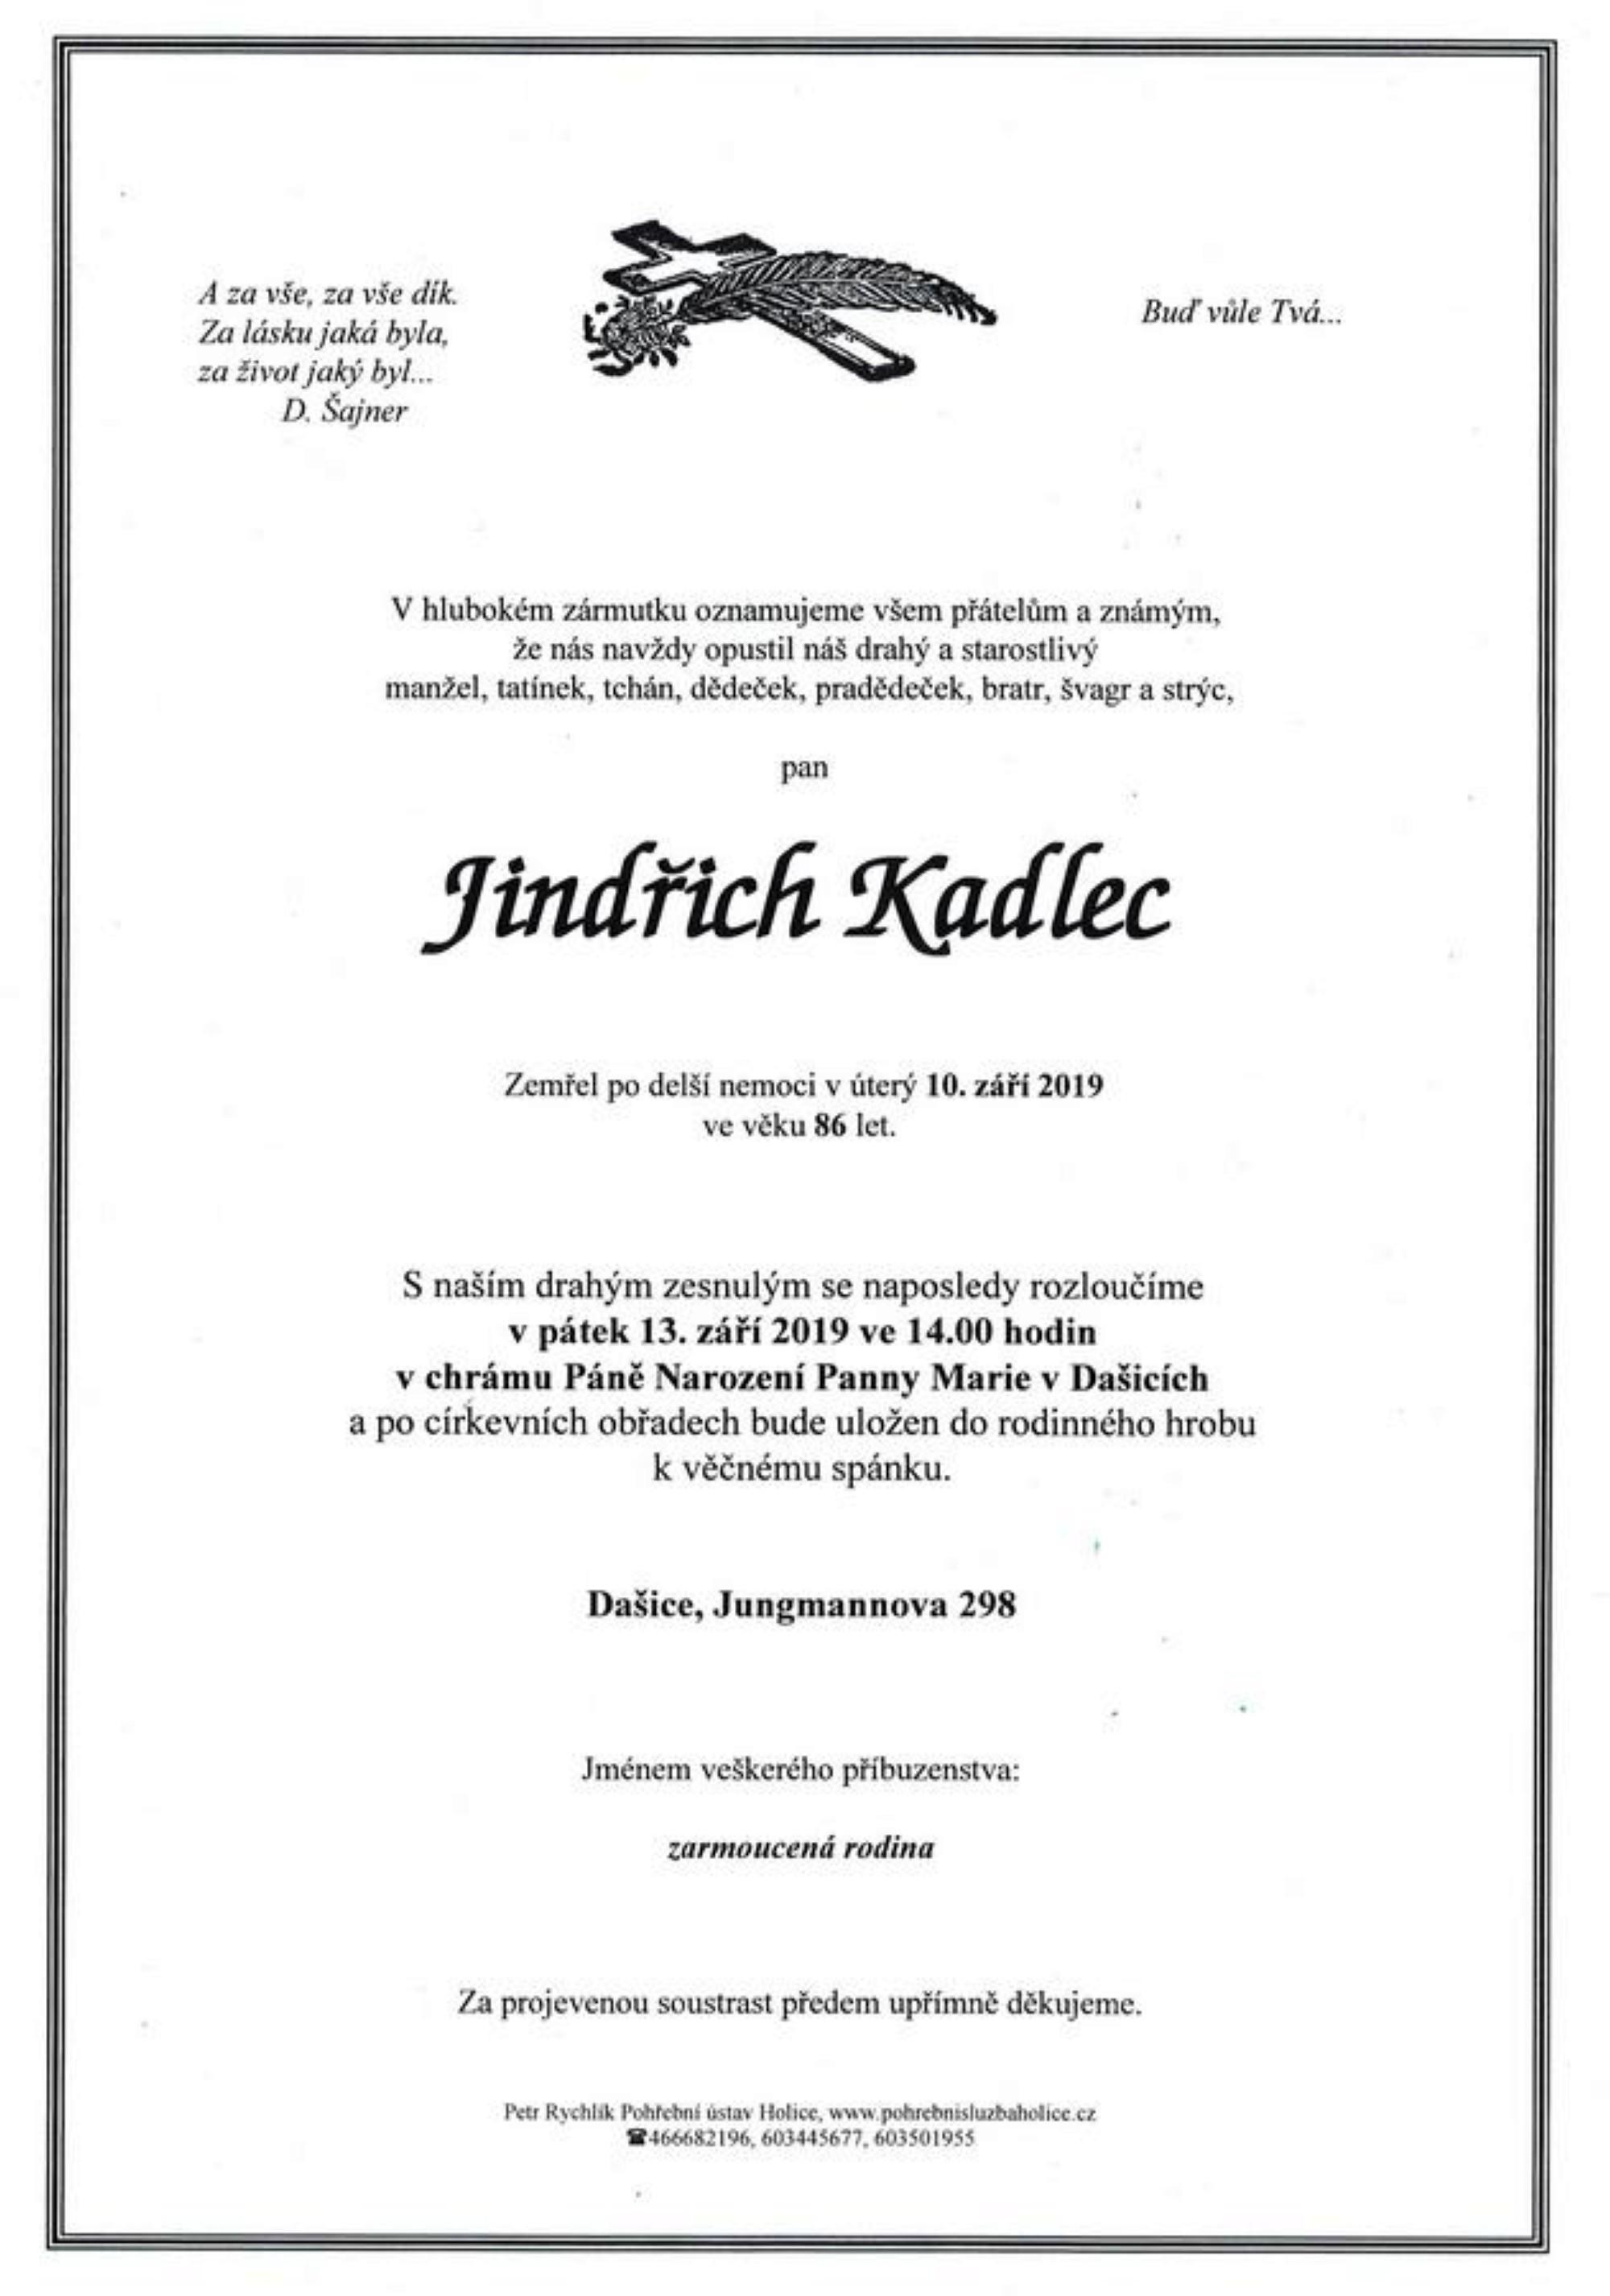 Jindřich Kadlec